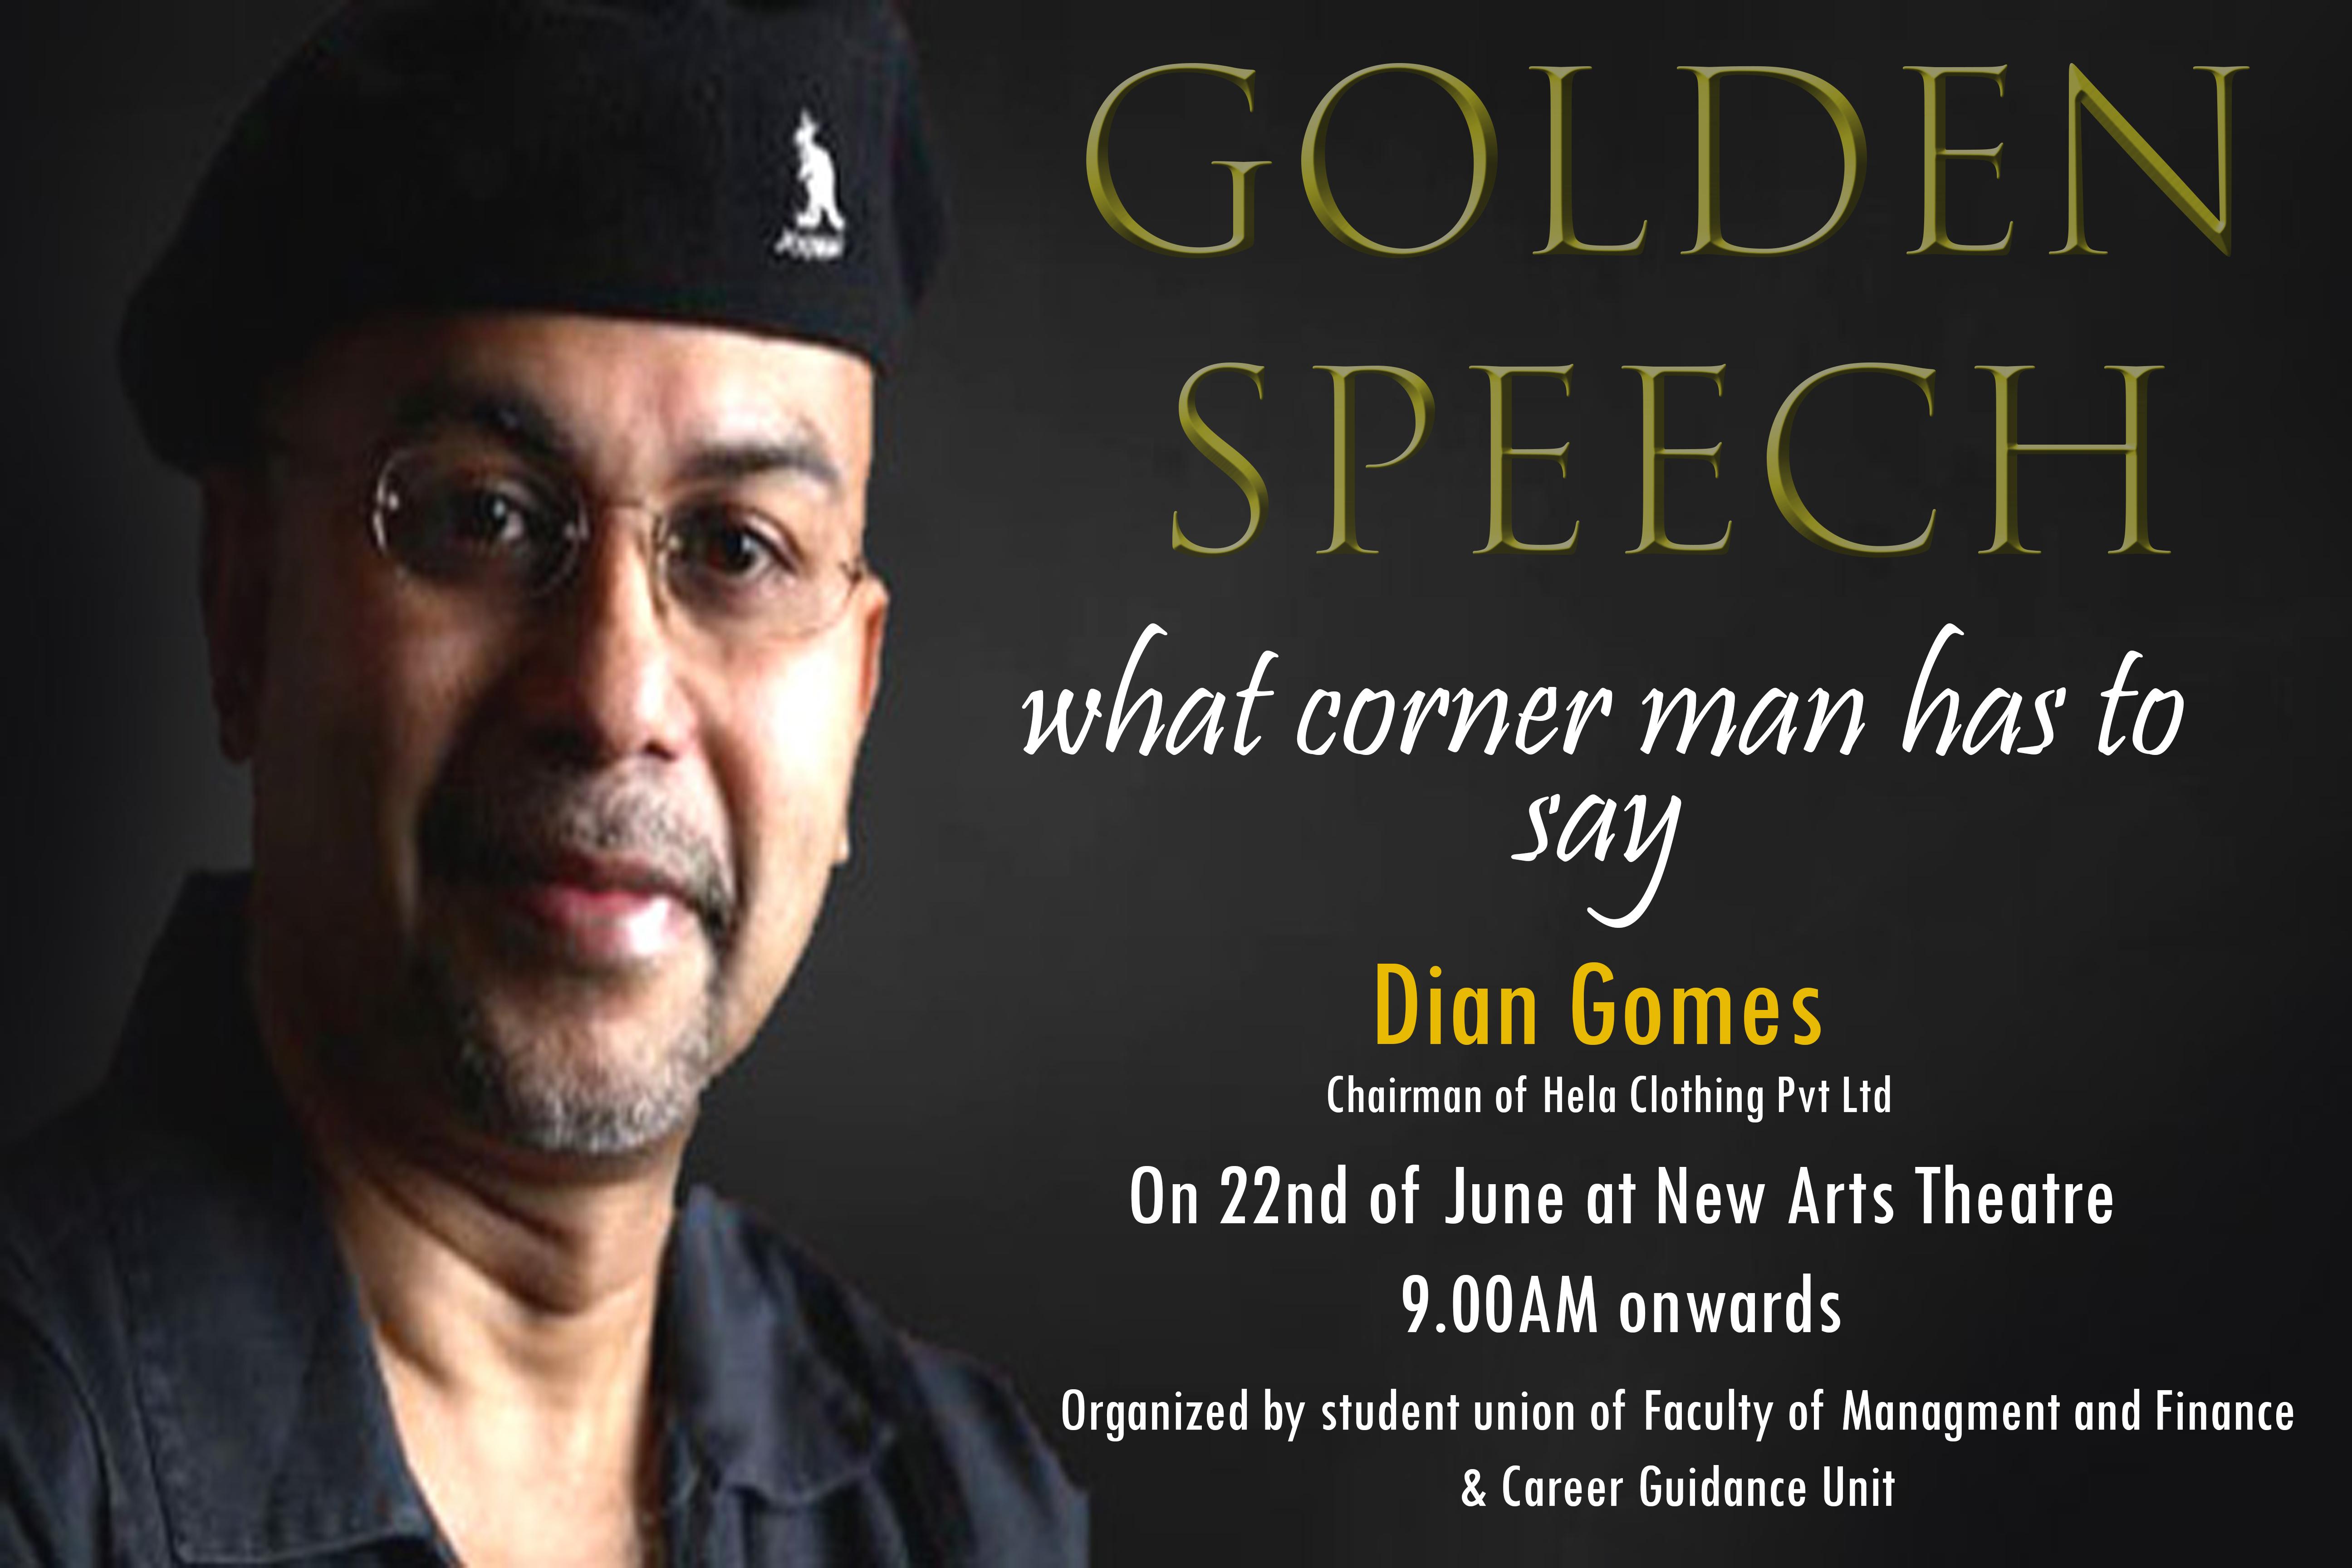 Golden Speech 2016